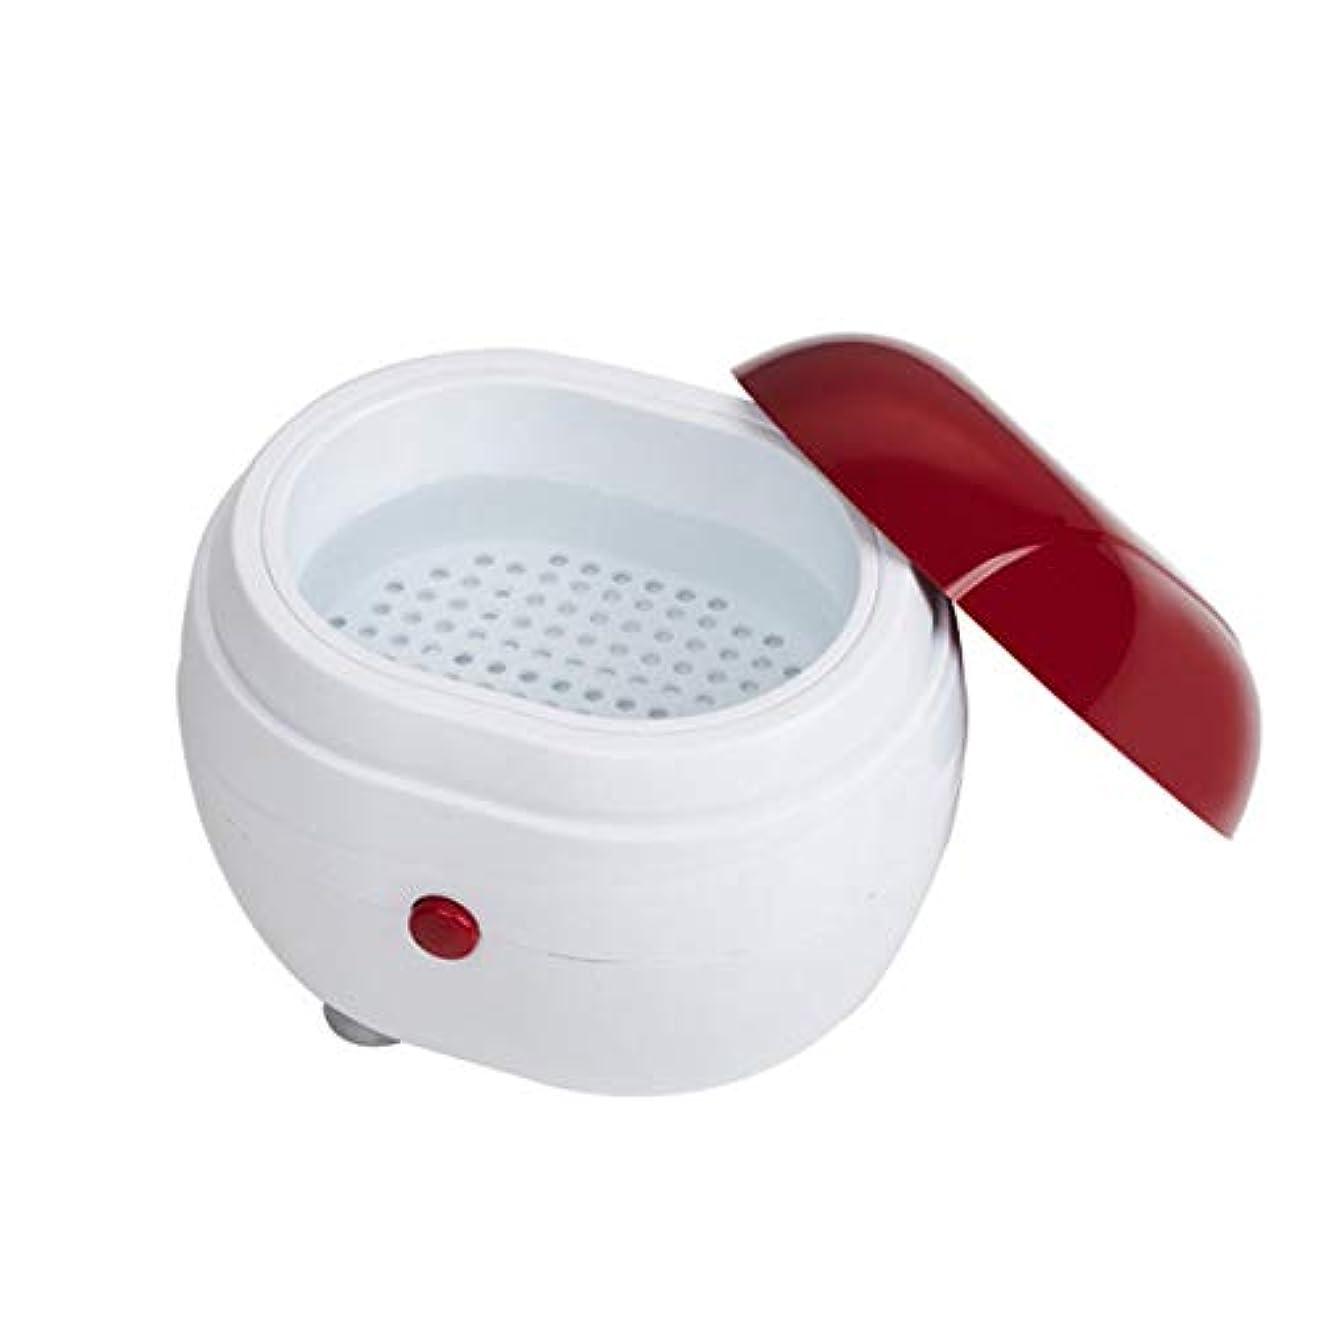 概念高音貼り直すMolySun 歯用ツール 歯清潔 ポータブル超音波洗浄機家庭用ジュエリーレンズ時計入れ歯洗浄機洗濯機クリーナークリーニングボックス 赤と白